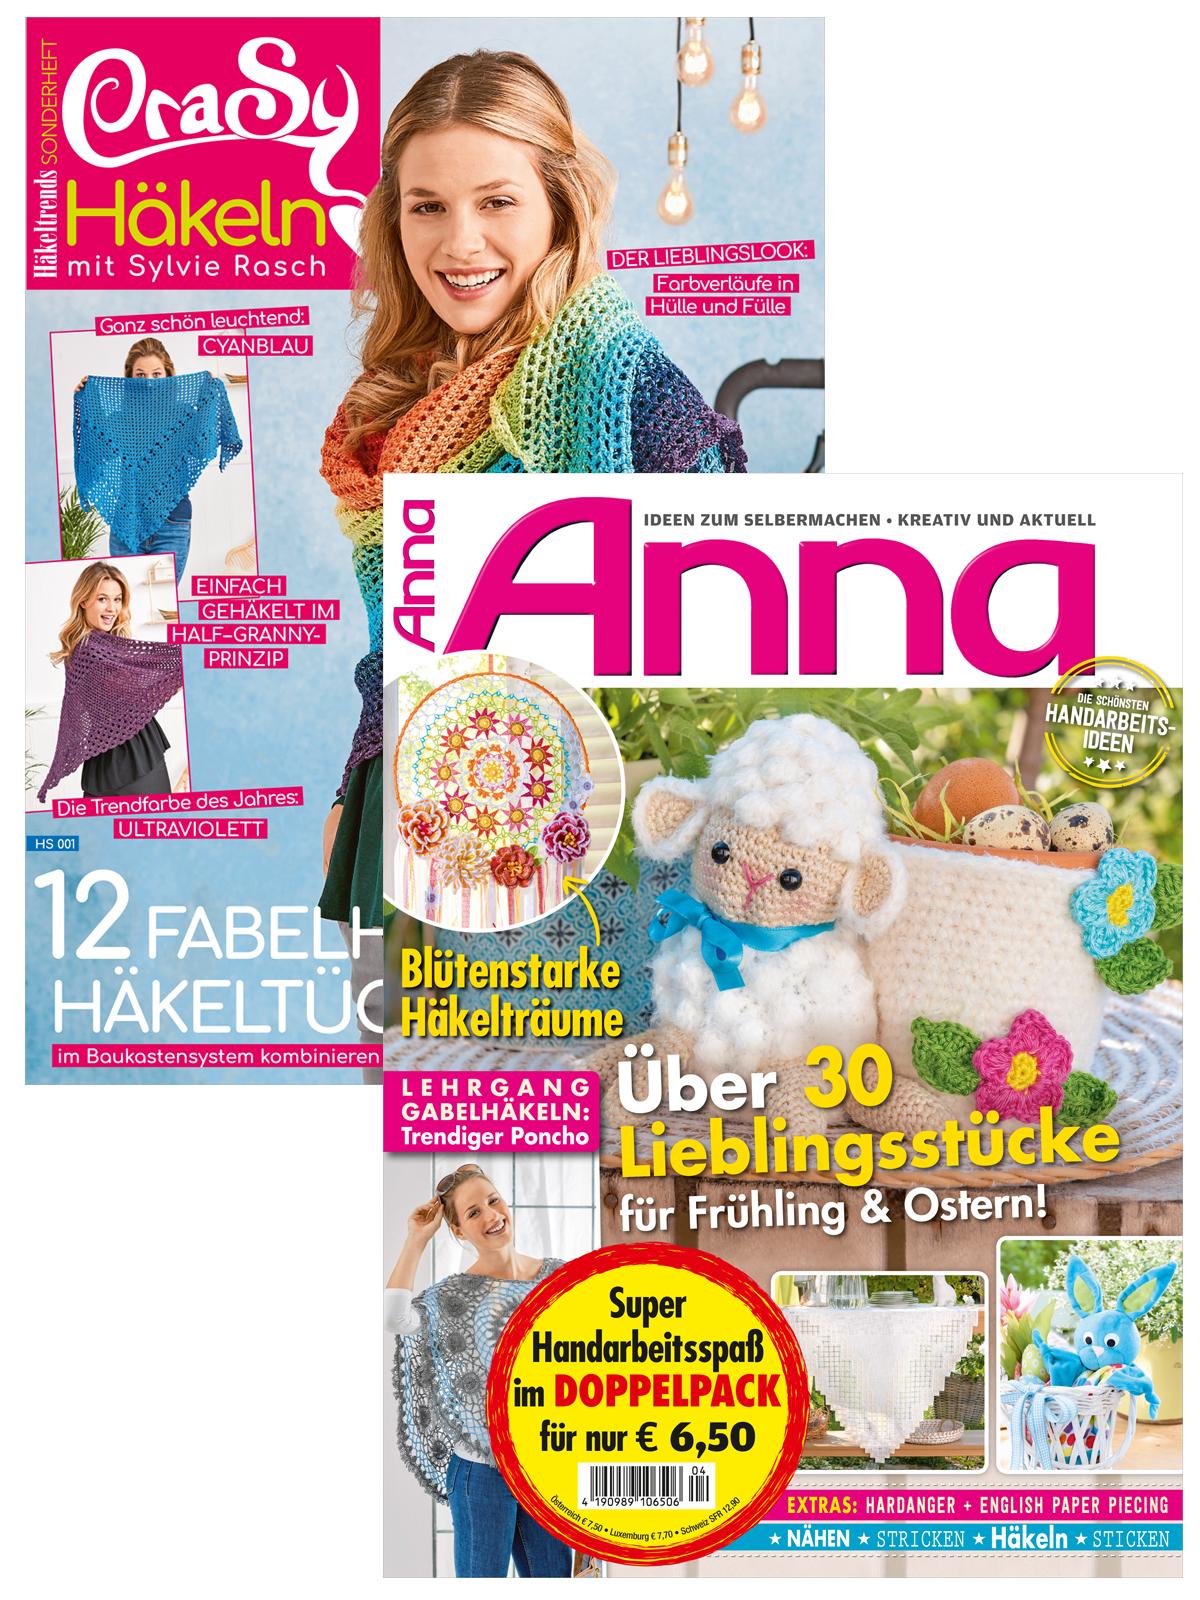 2 Zeitschriften: Anna Nr. 4/2019 und Häkeltrends CraSy Tücher (HS001)